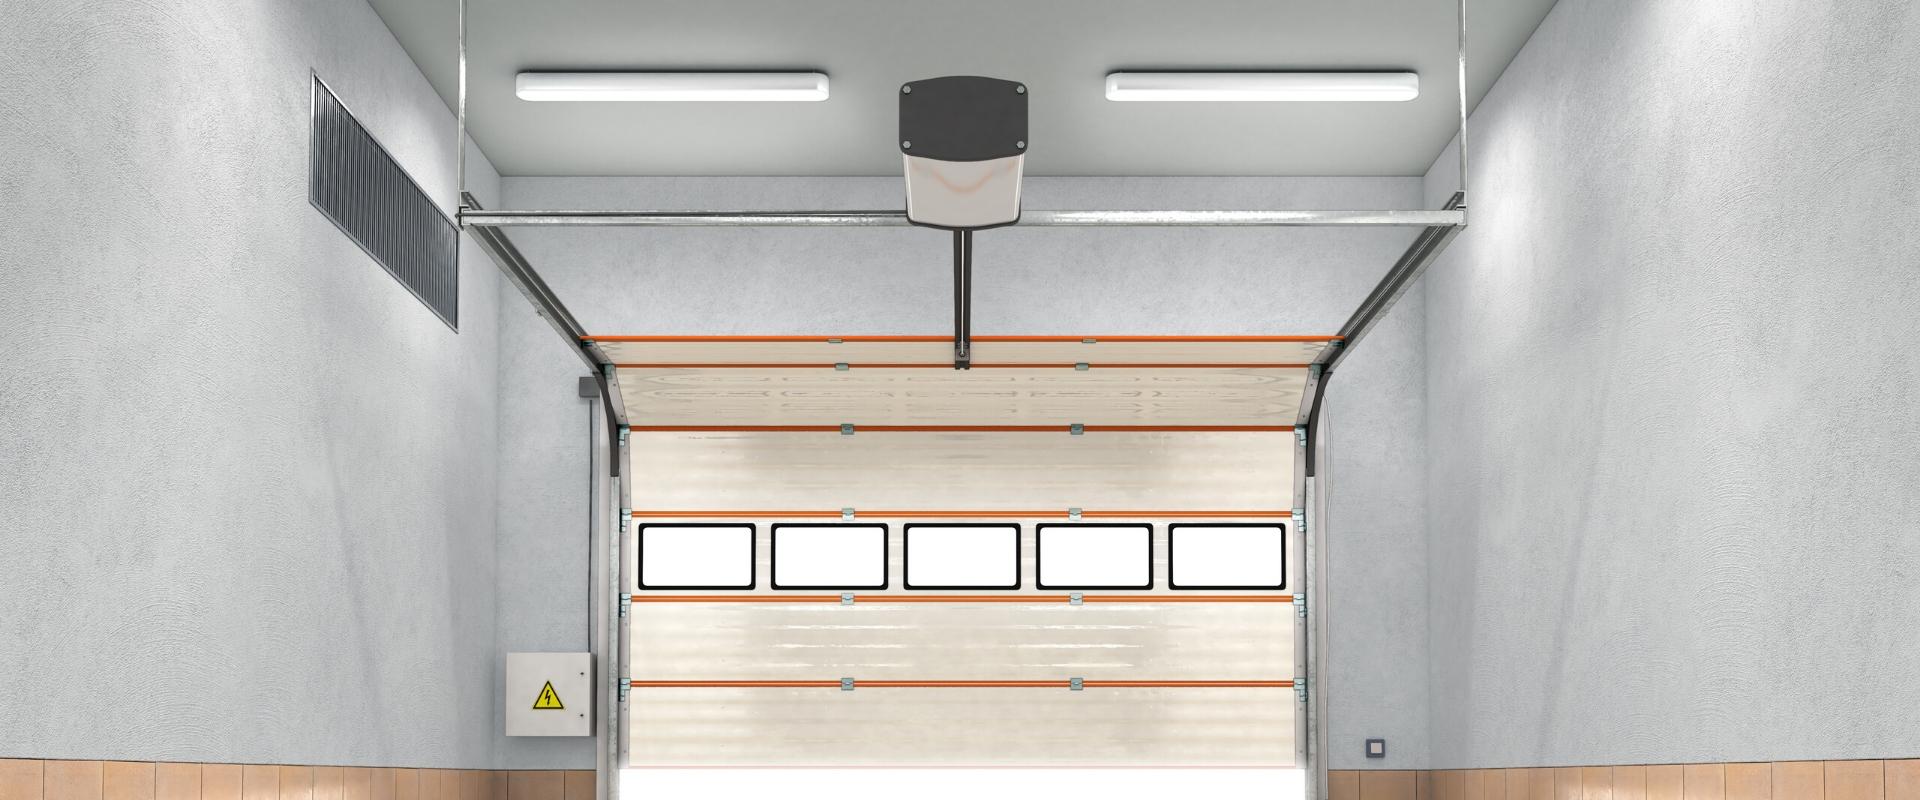 Prompt Garage Door Services